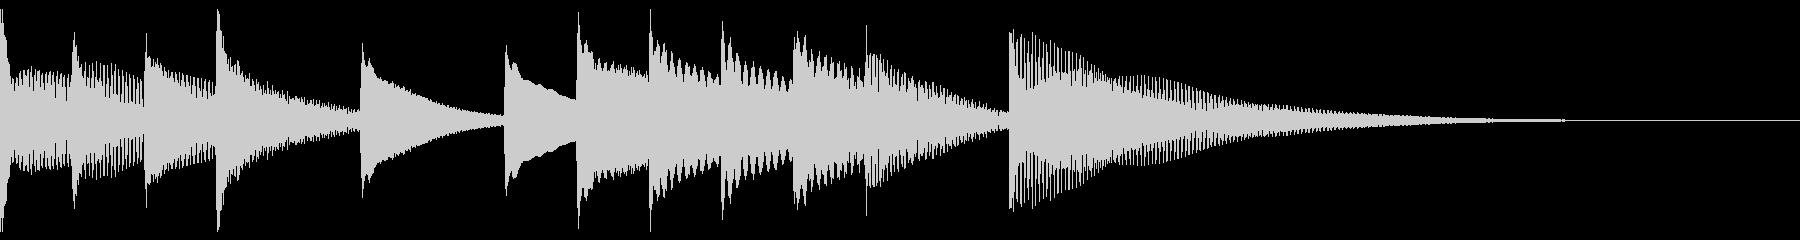 軽快なマリンバが印象的な可愛いジングルの未再生の波形